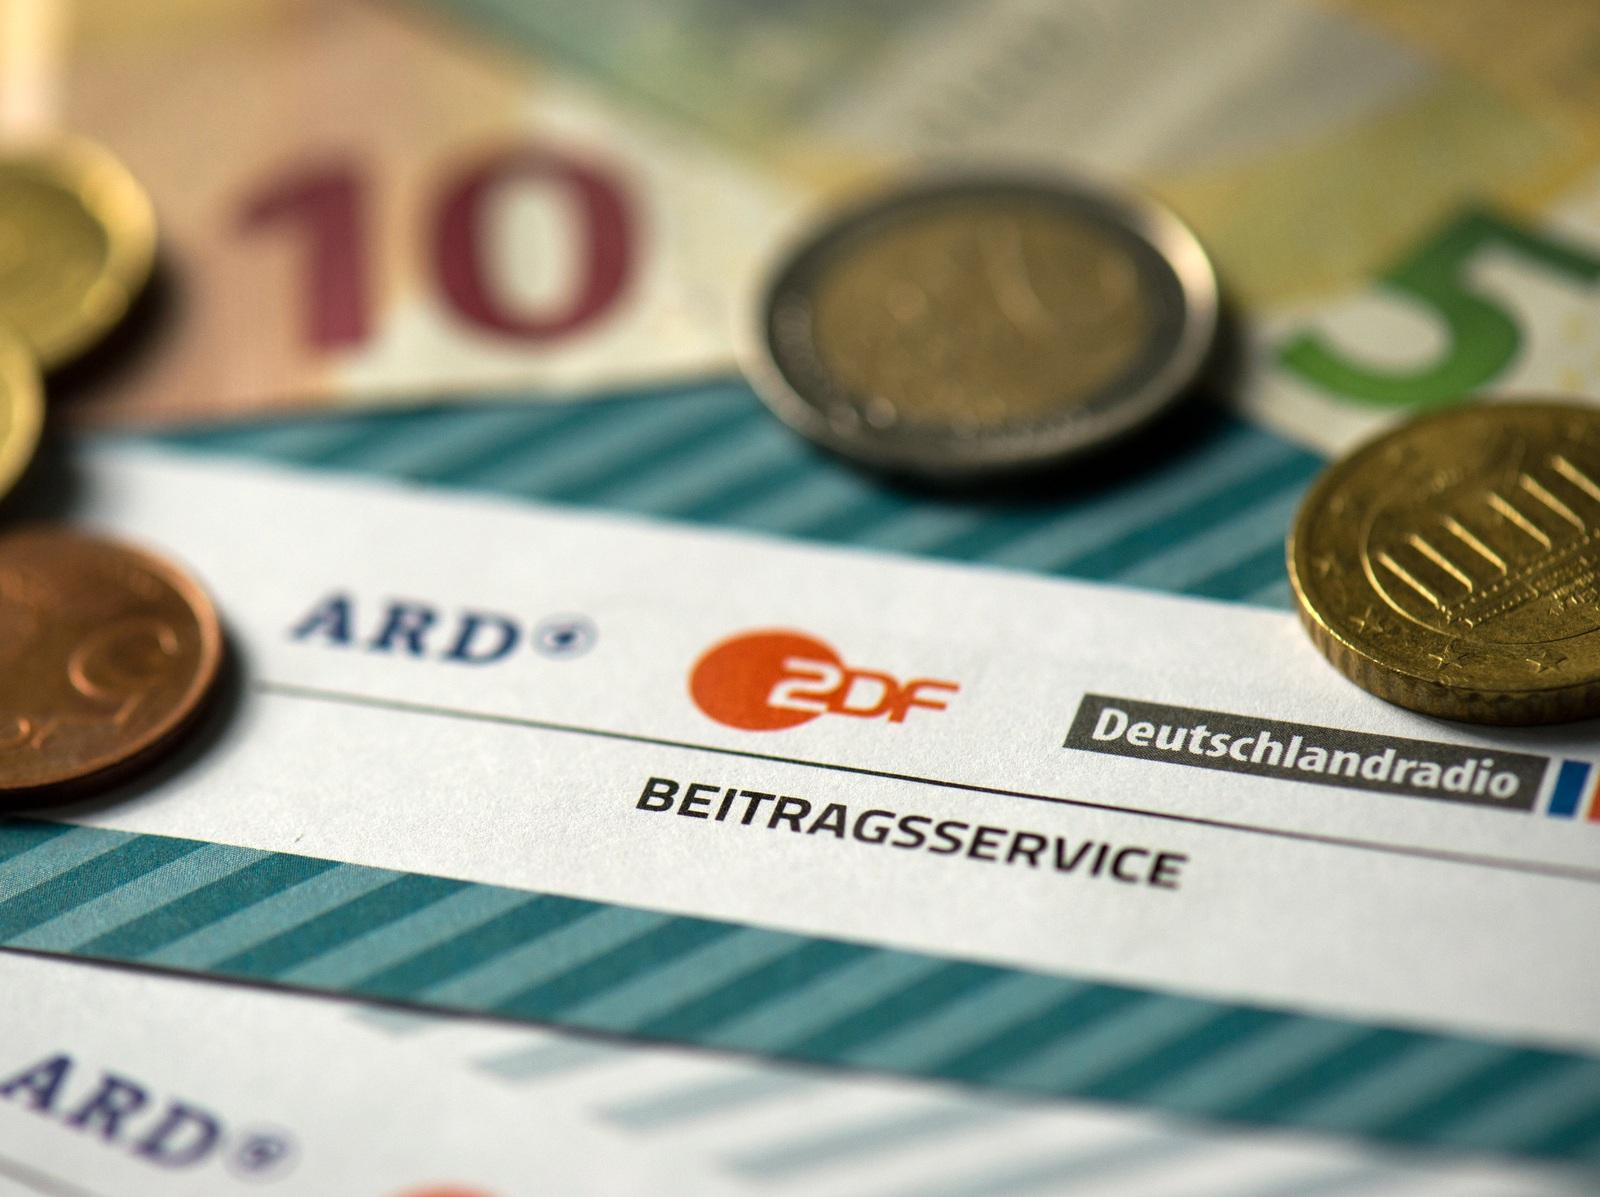 Der Rundfunkbeitrag wurde im April 2015 auf 17,50 Euro monatlich gesenkt.